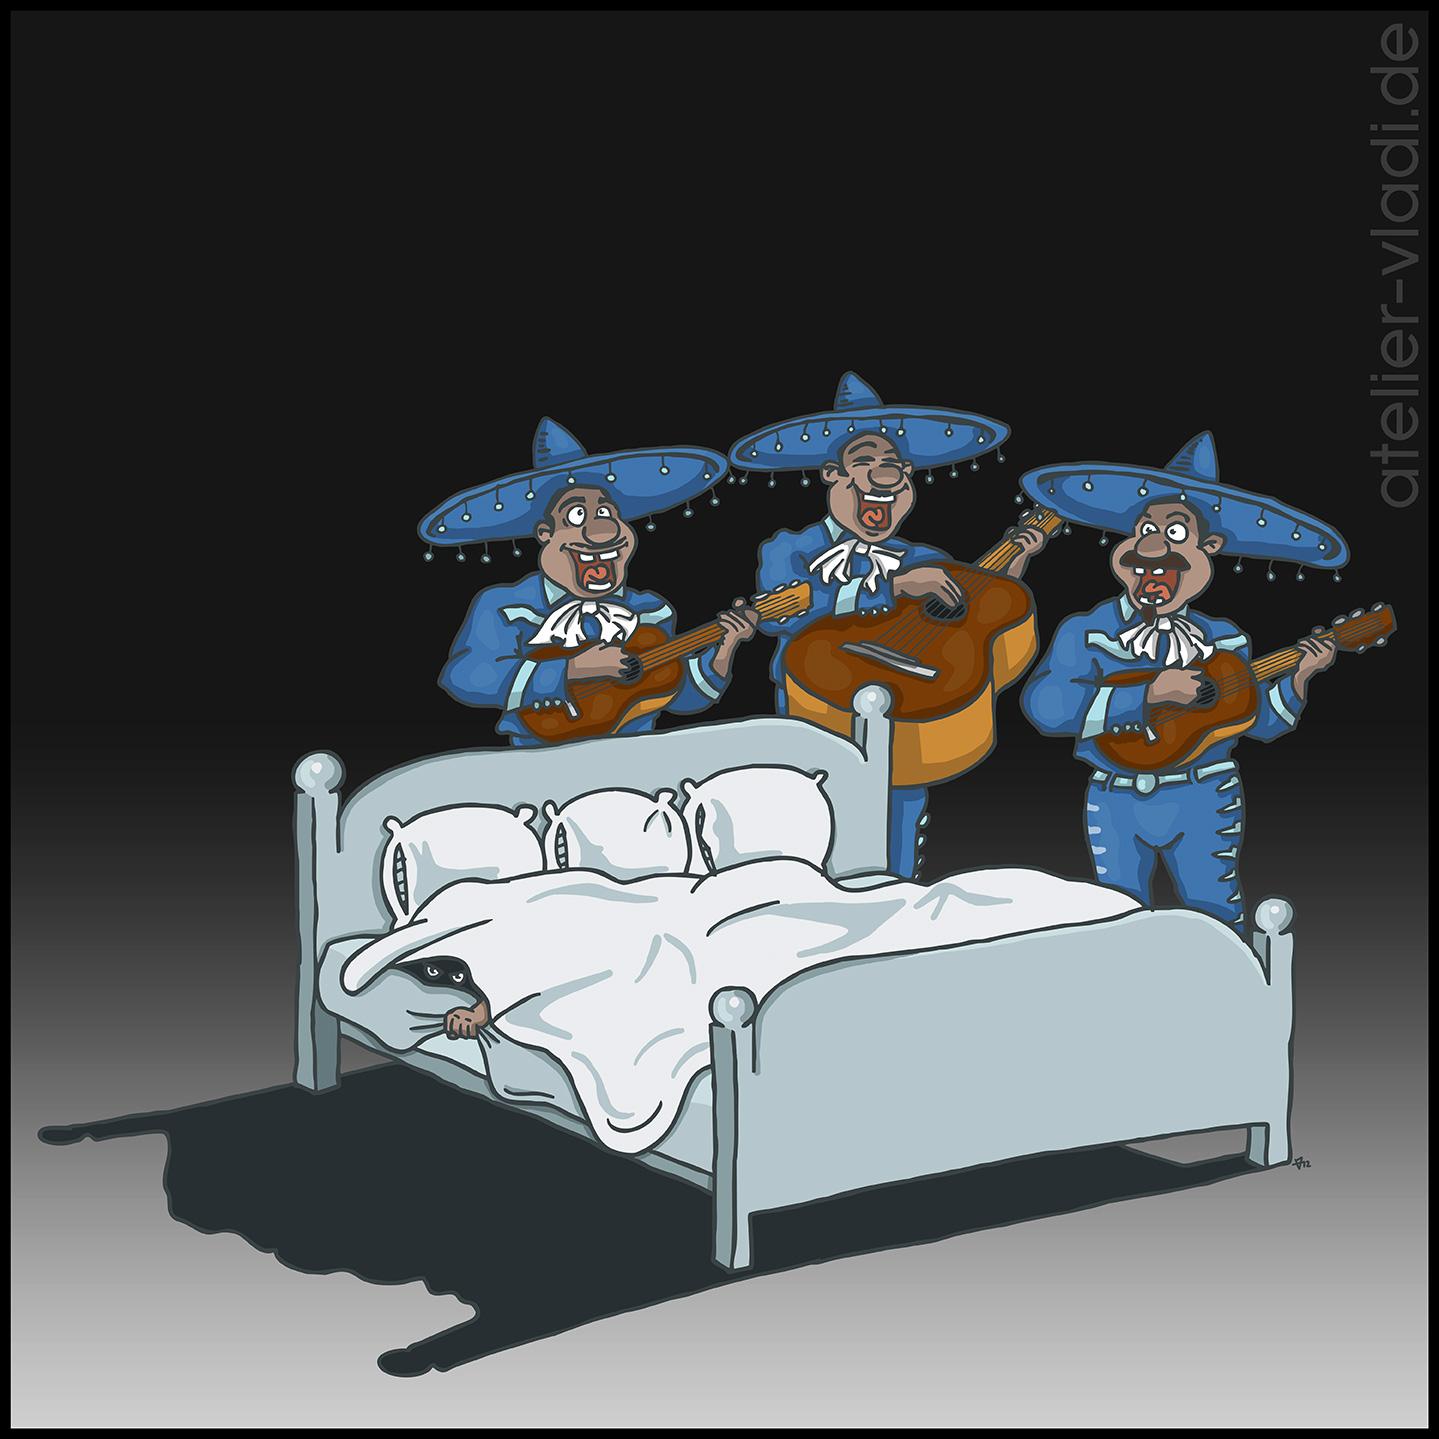 Nacht Schlaf Musik